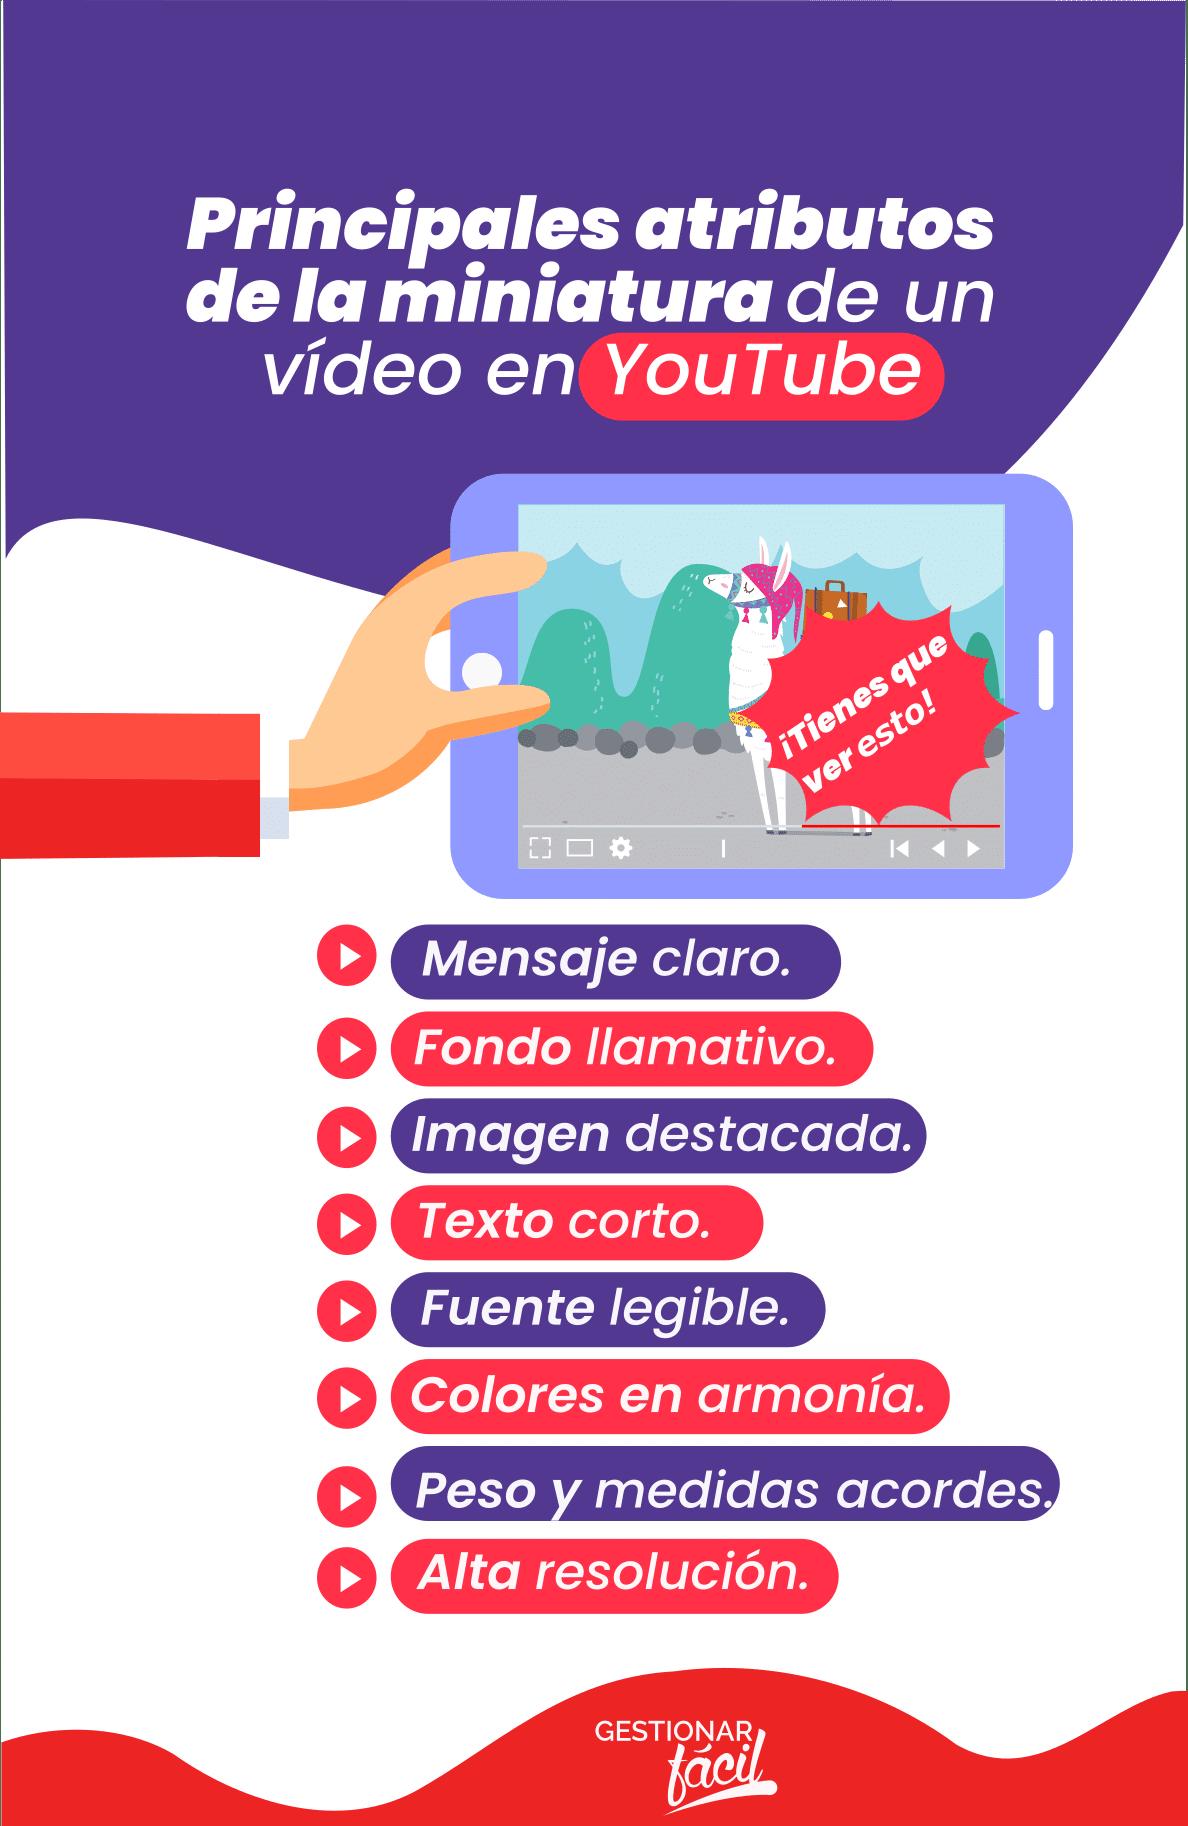 Principales atributos de la miniatura de un vídeo en YouTube